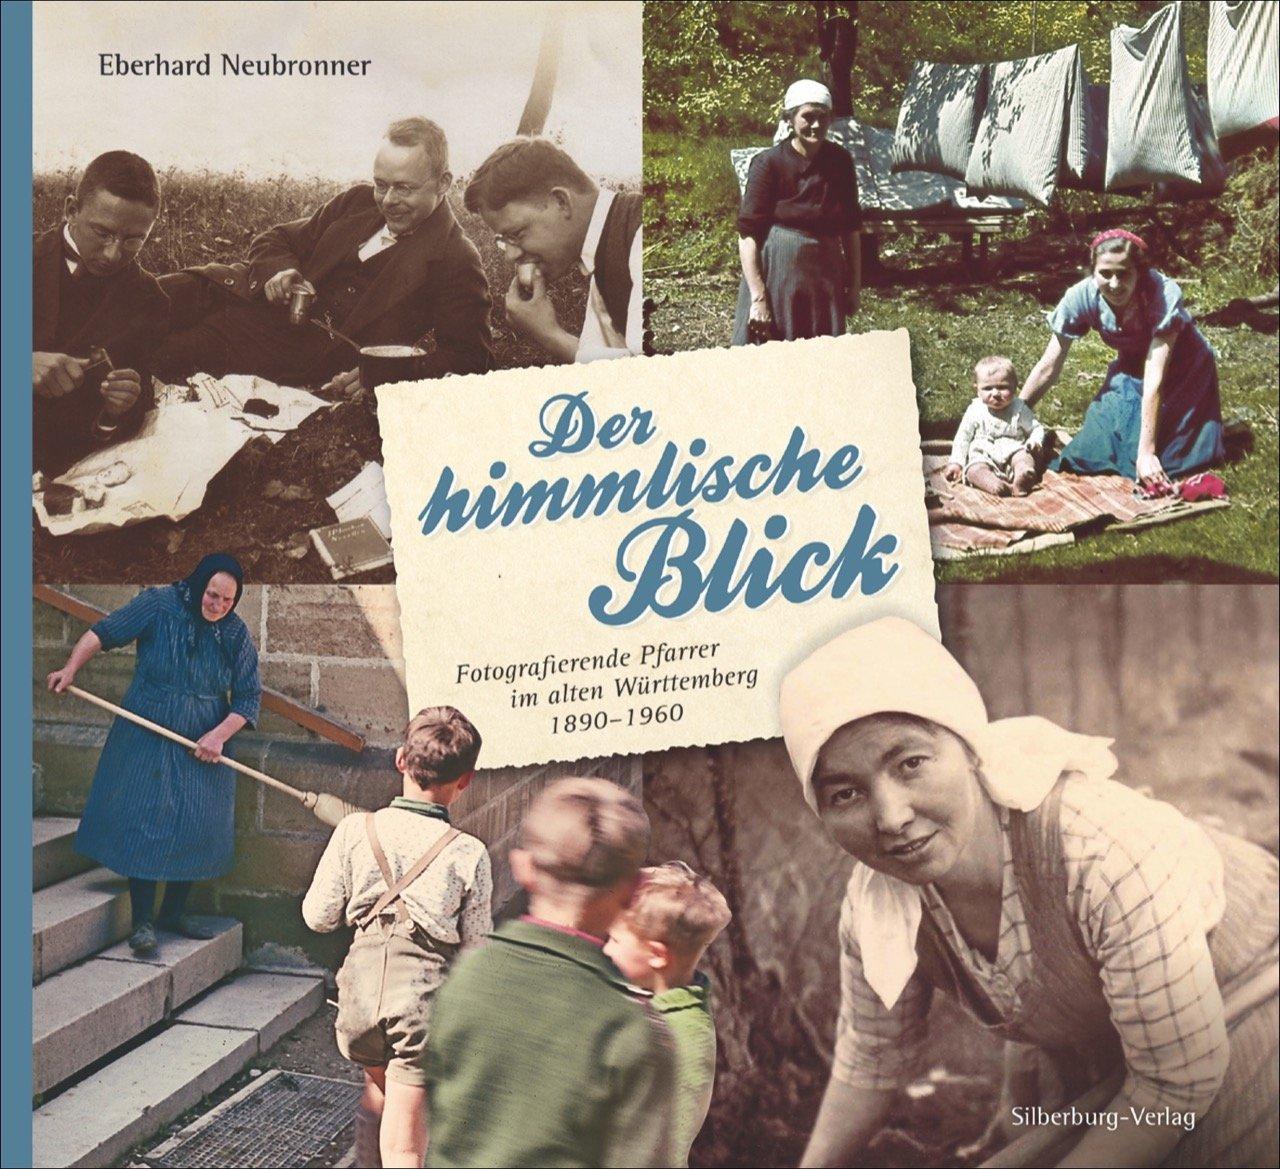 Der himmlische Blick: Fotografierende Pfarrer im alten Württemberg 1890–1960